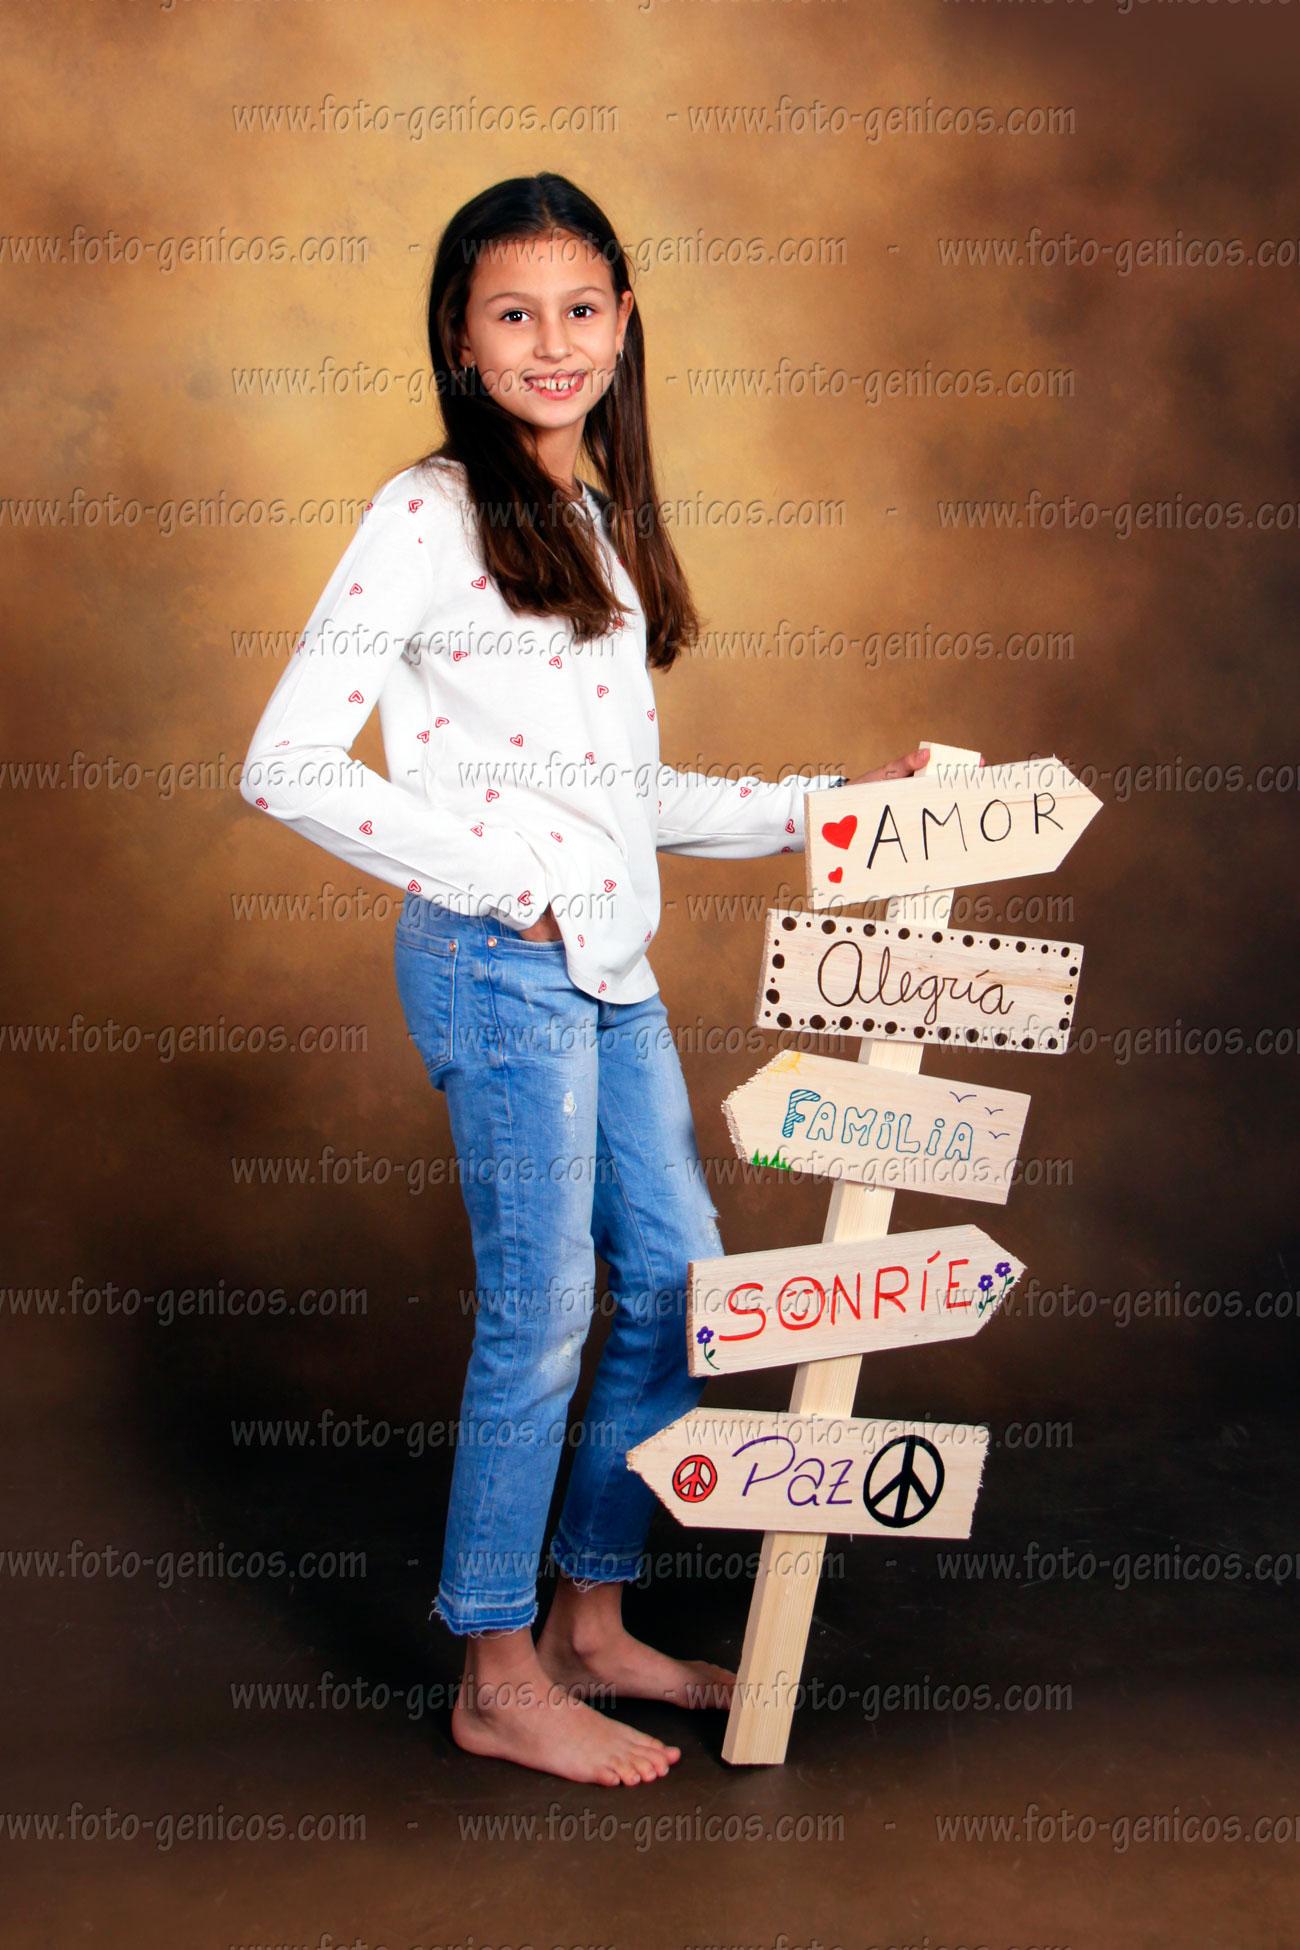 Fotogénci@s   Tienda y estudio de fotografía   Familias